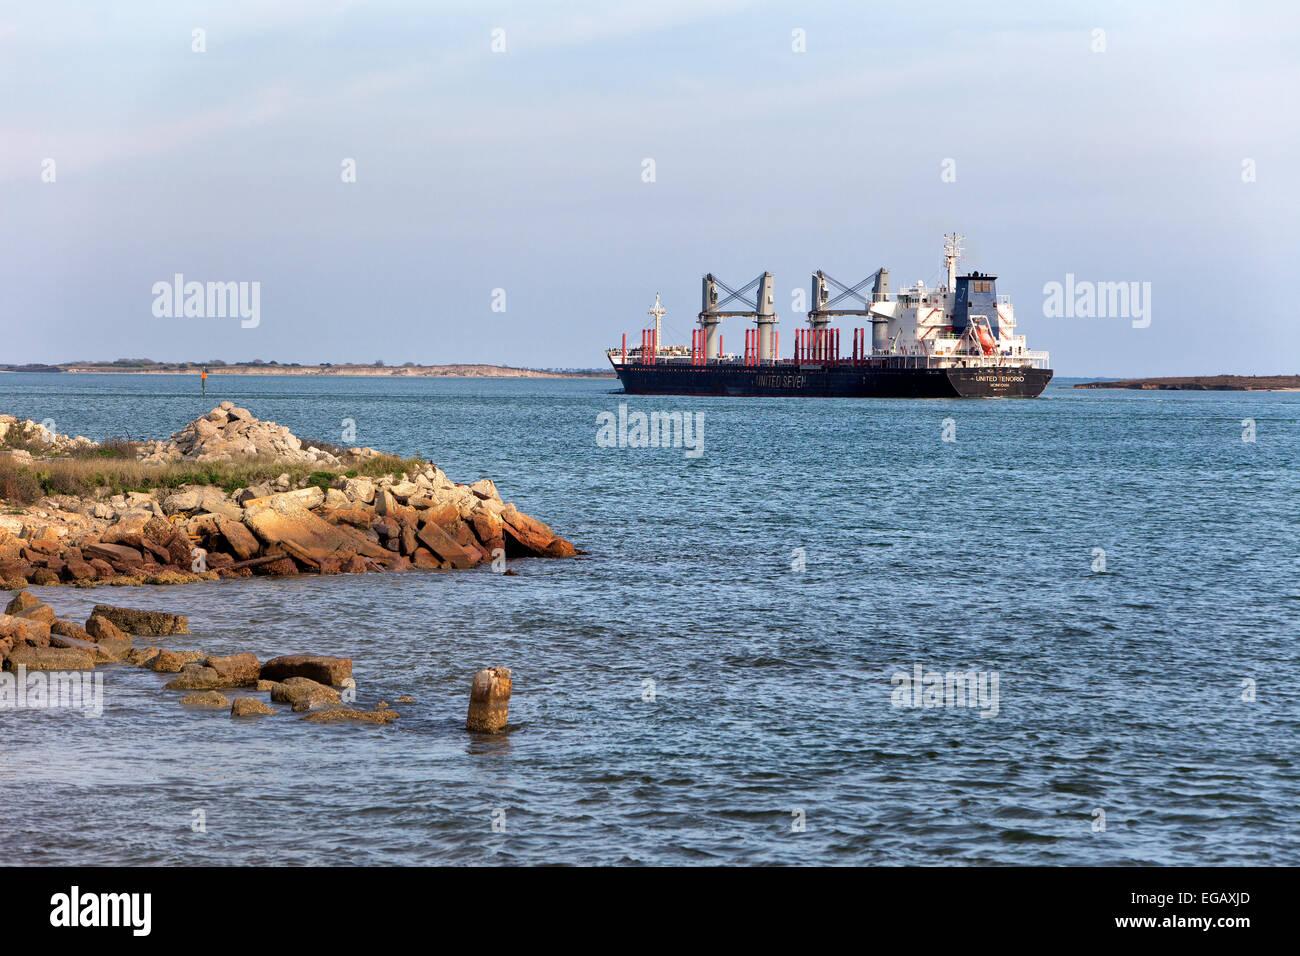 Petroleum Tanker en route,  Corpus Christi Ship Channel. - Stock Image